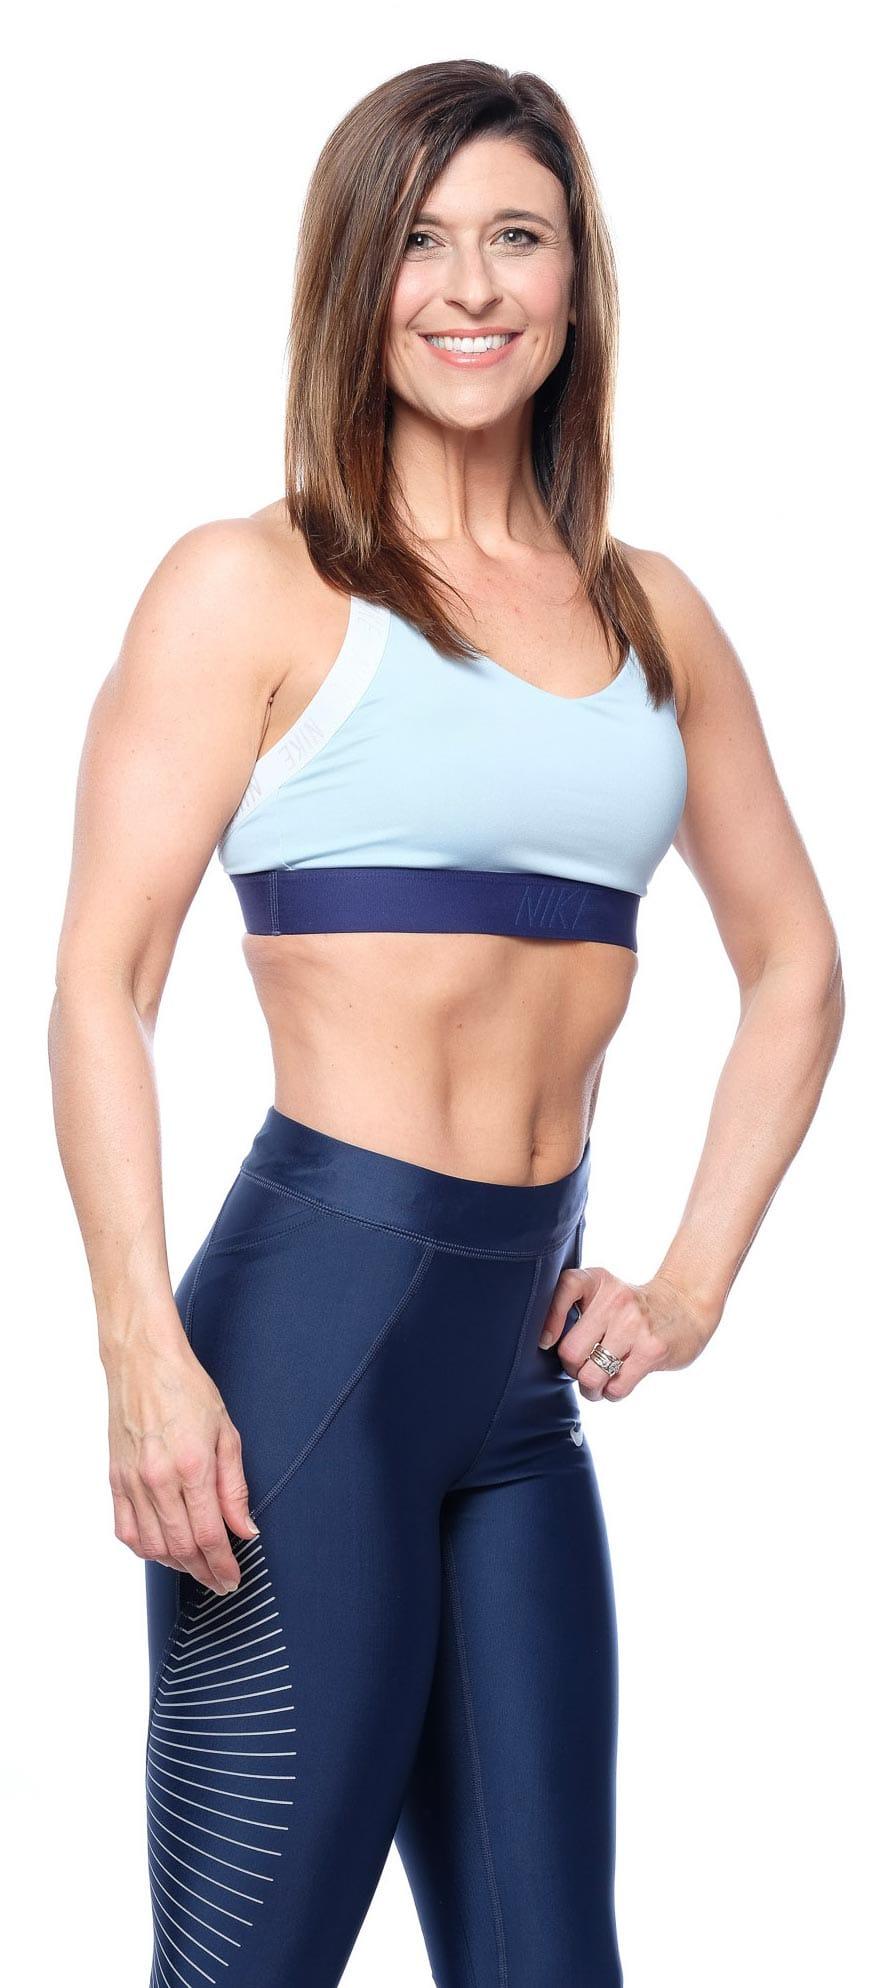 Jennifer Harer Bikini Competitor